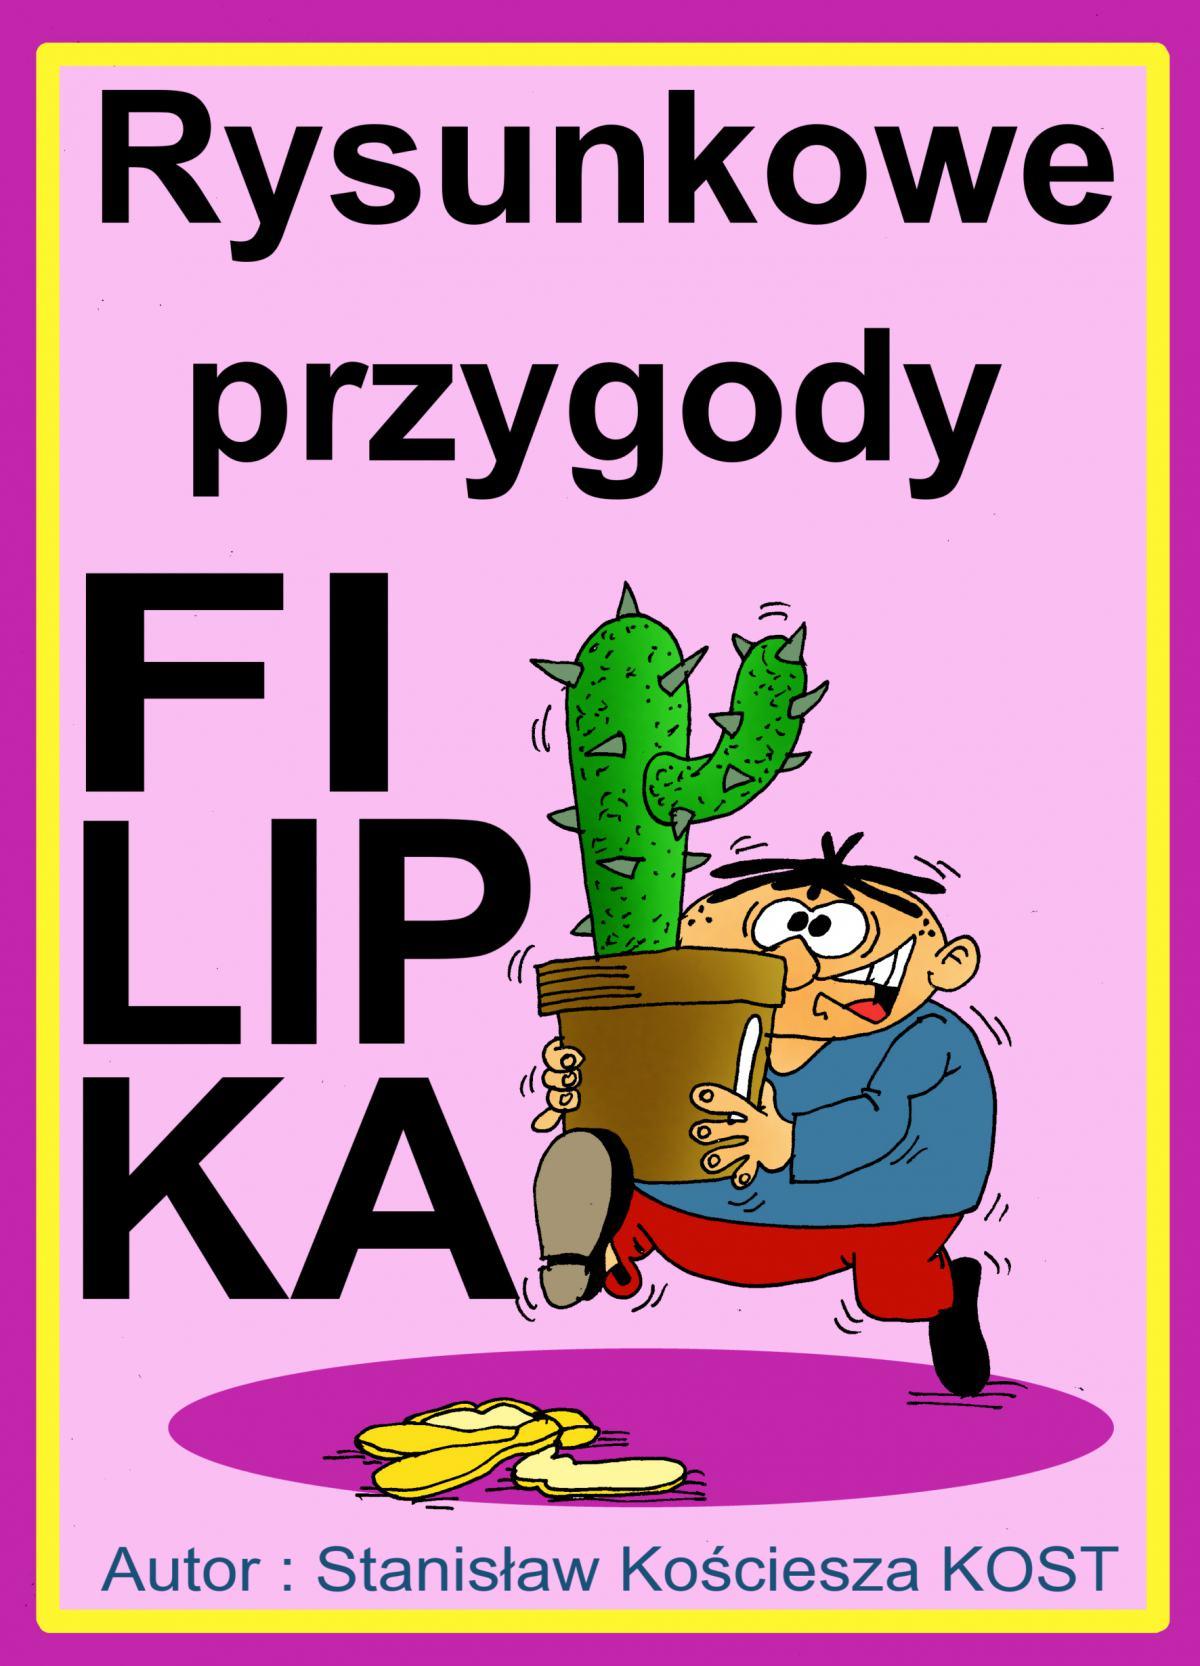 Rysunkowe przygody Filipka - Ebook (Książka PDF) do pobrania w formacie PDF